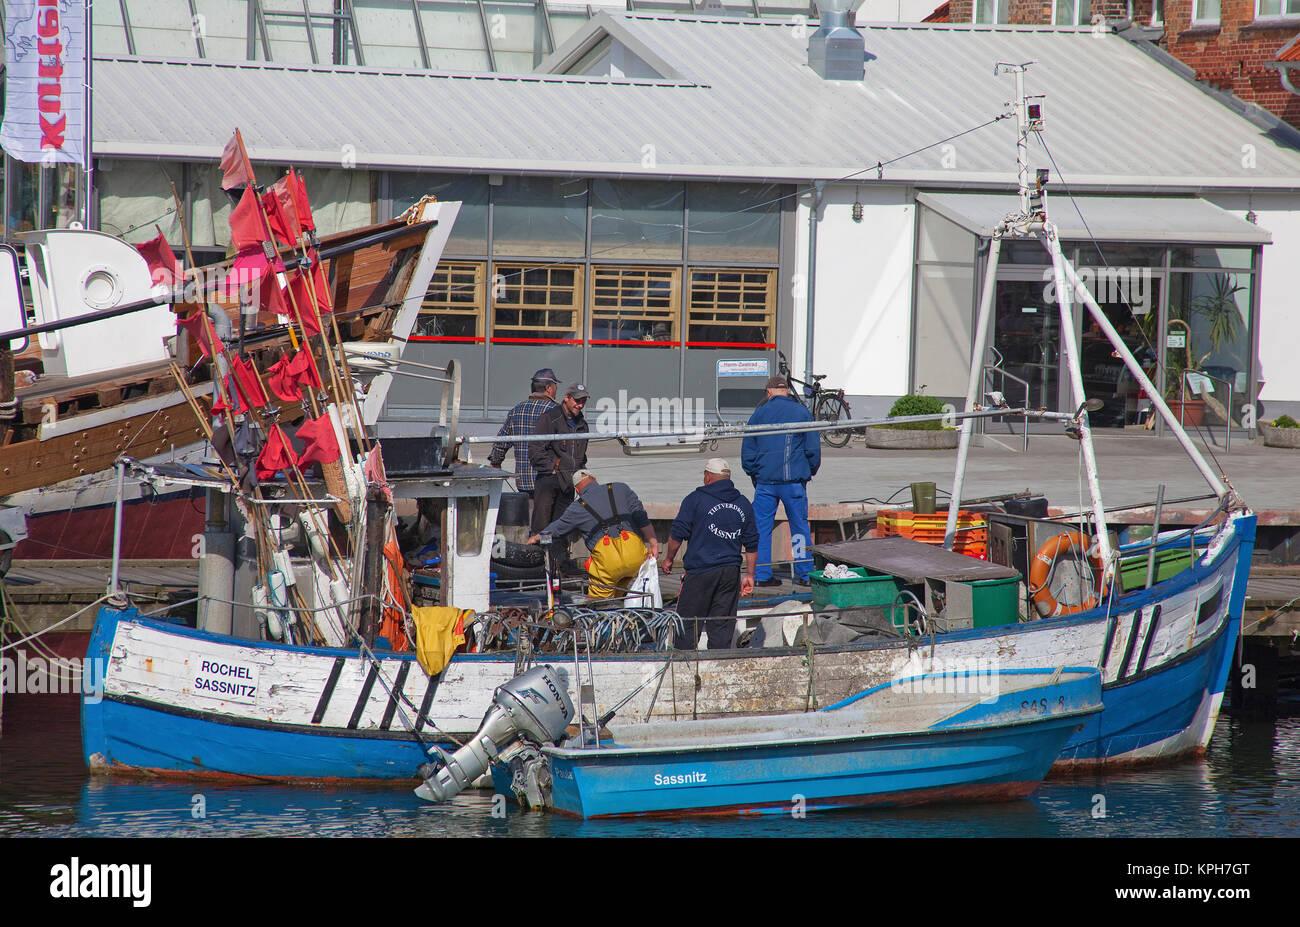 Fischer im Hafen von Sassnitz, Rügen, Mecklenburg-Vorpommern, Ostsee, Deutschland, Europa Stockfoto